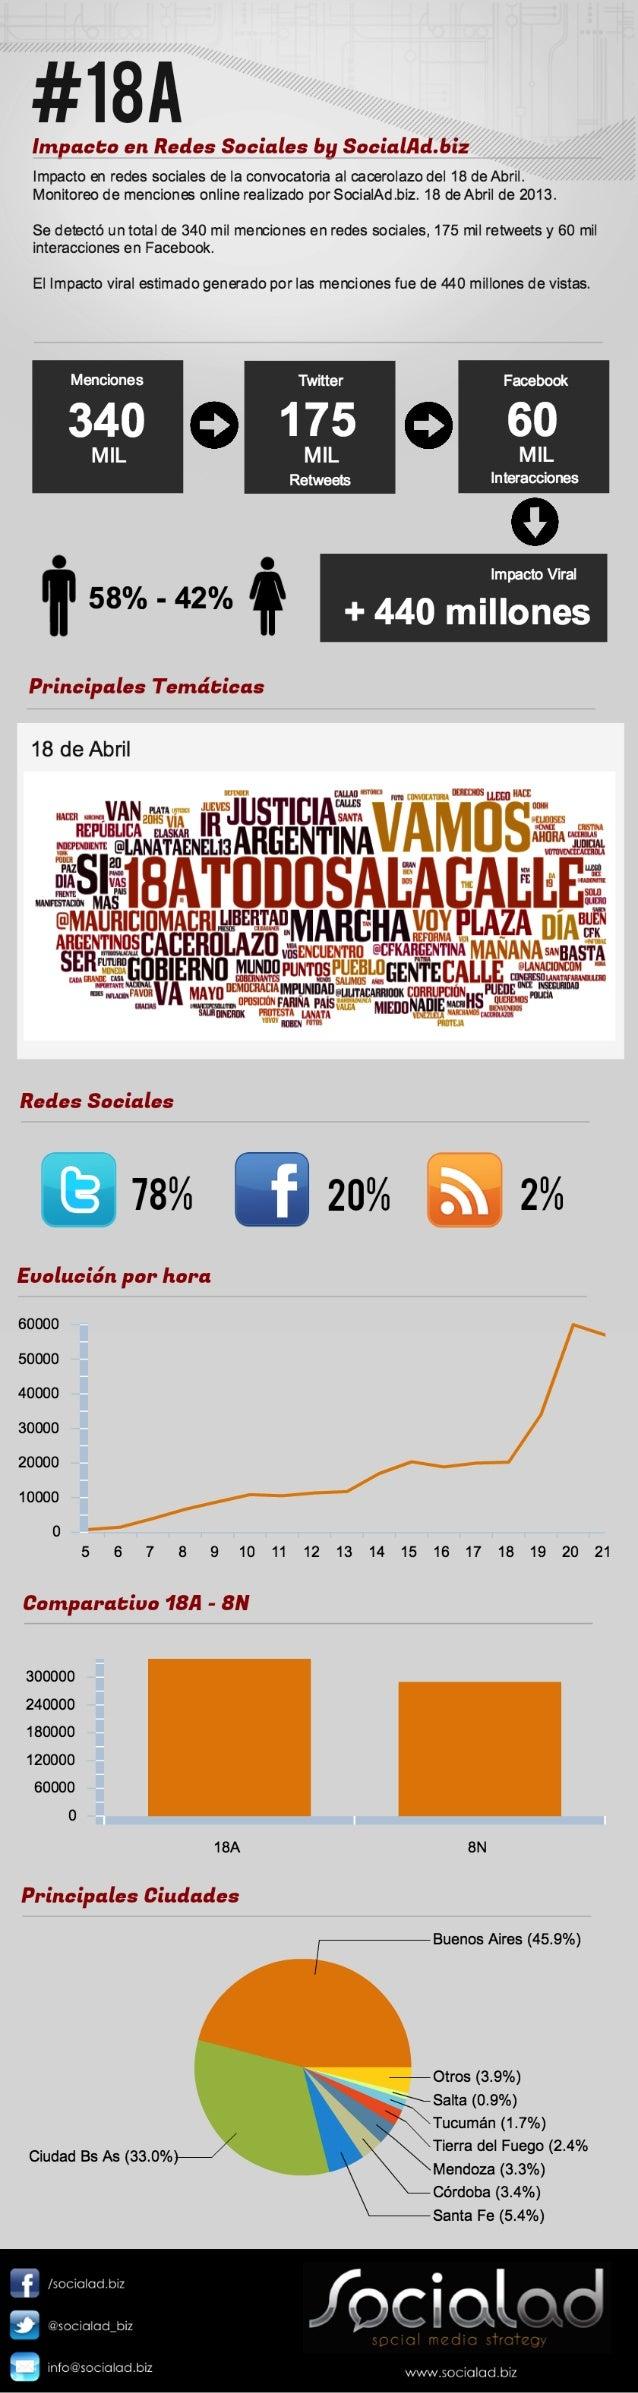 18A Impacto en redes sociales by SocialAd.biz